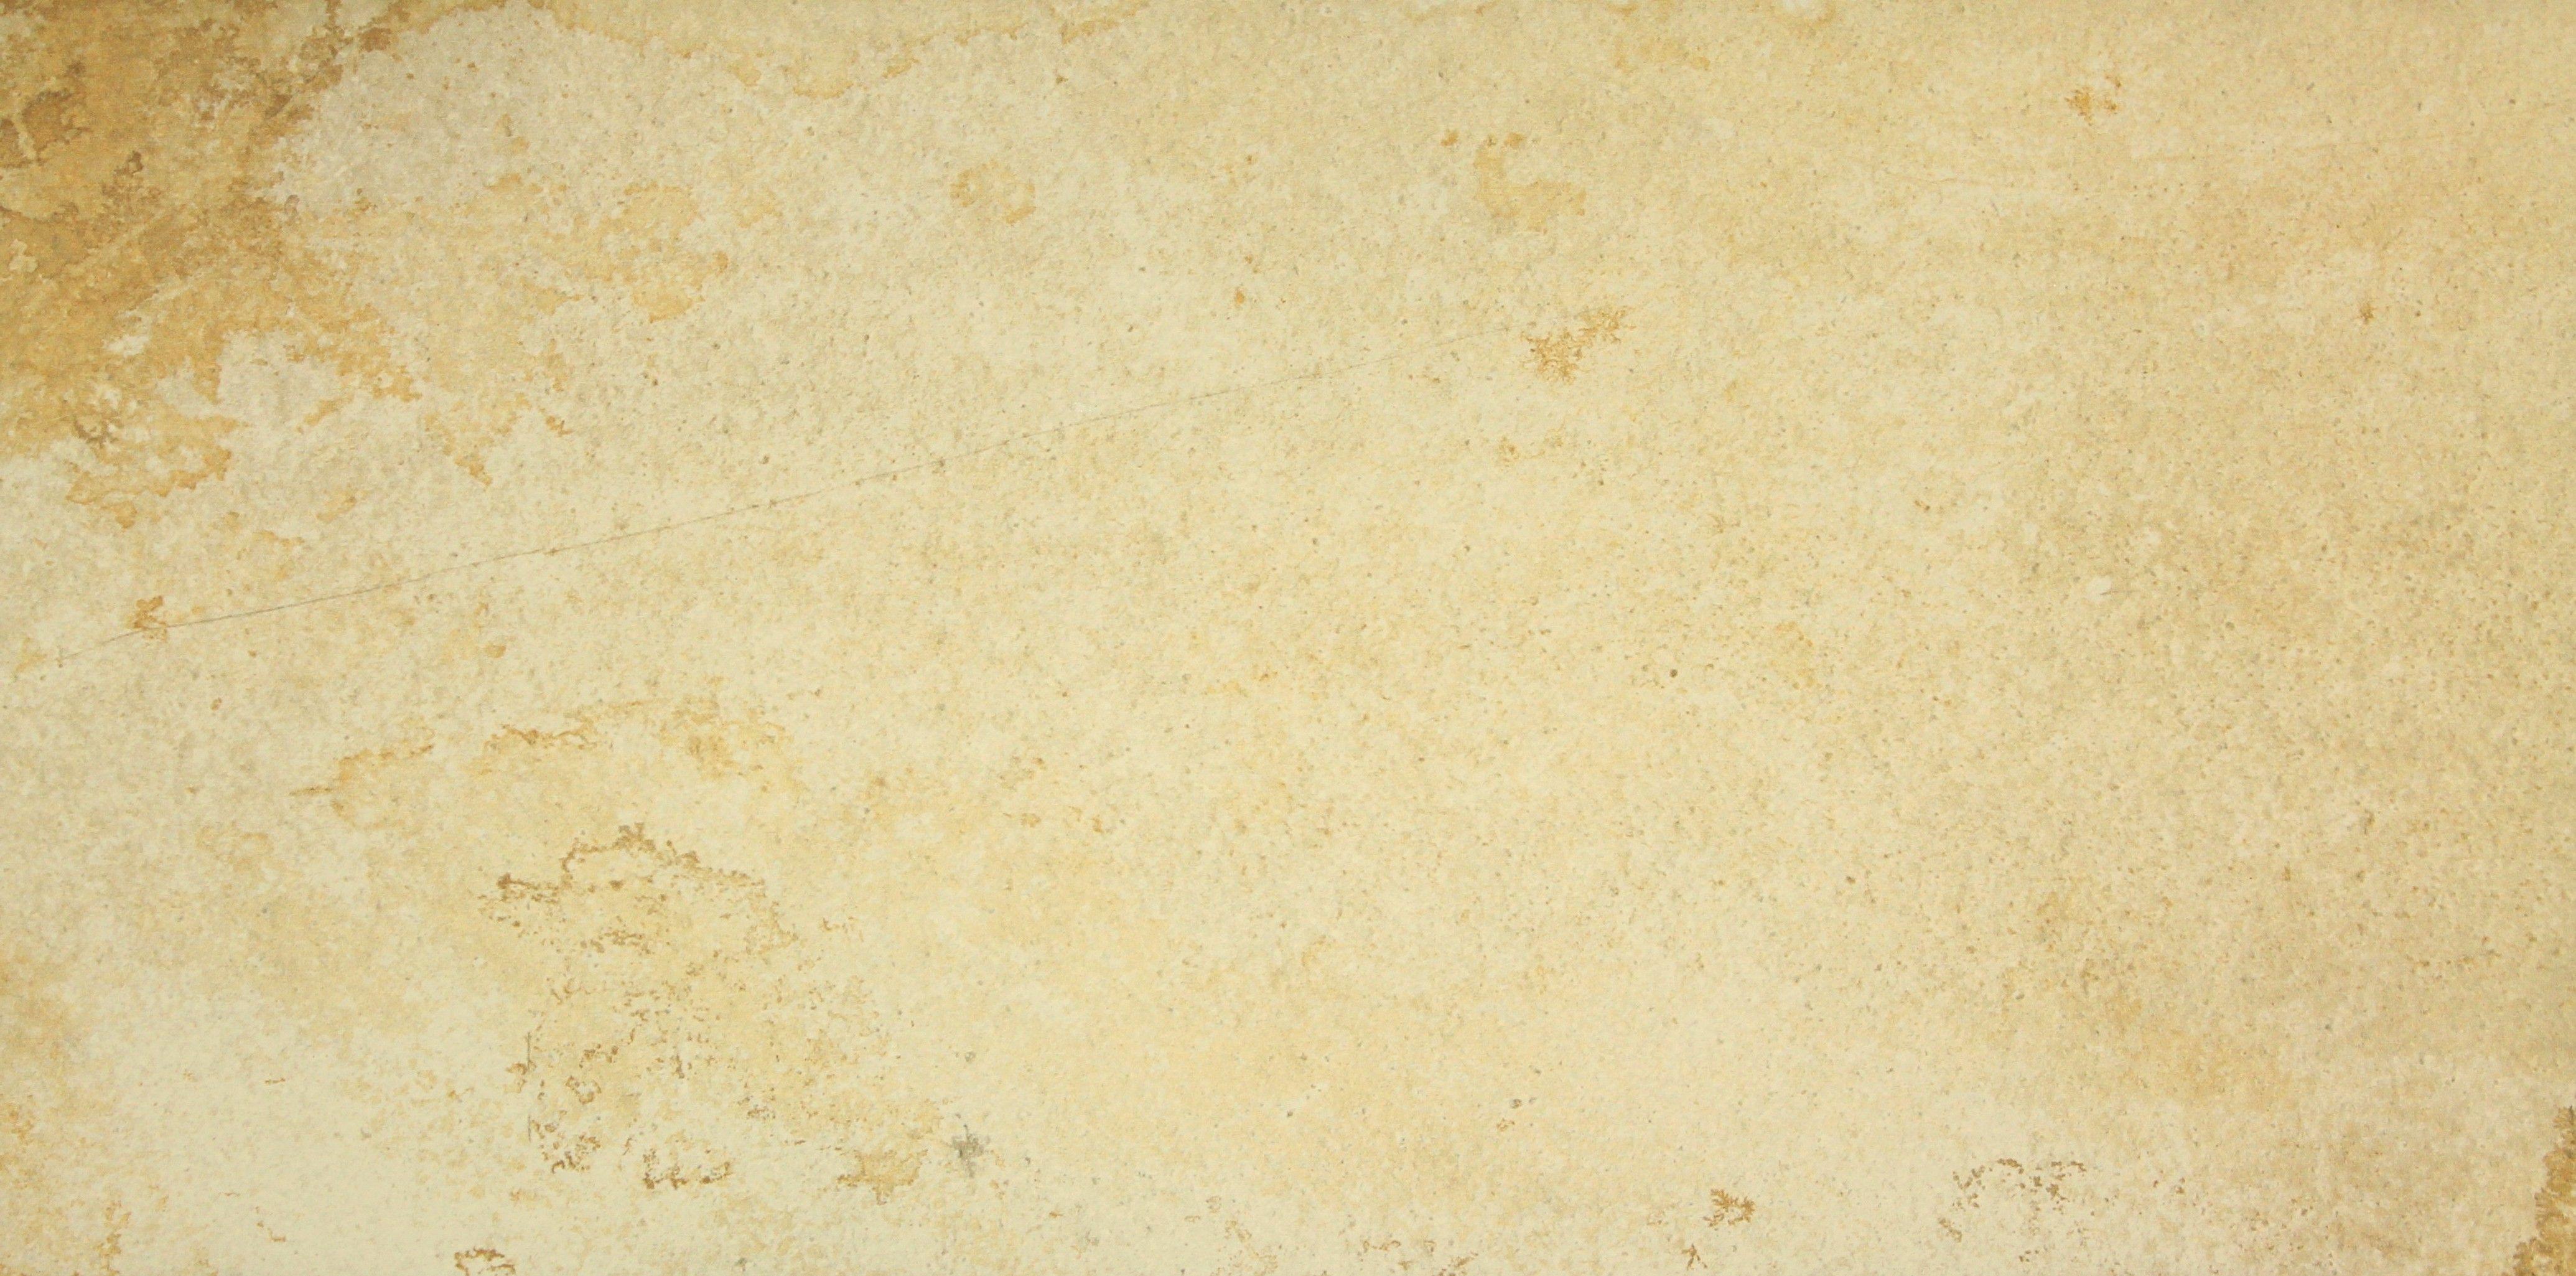 FKEU Sandstein02 Sandgold Bodenfliese 30 5X61 4 cm